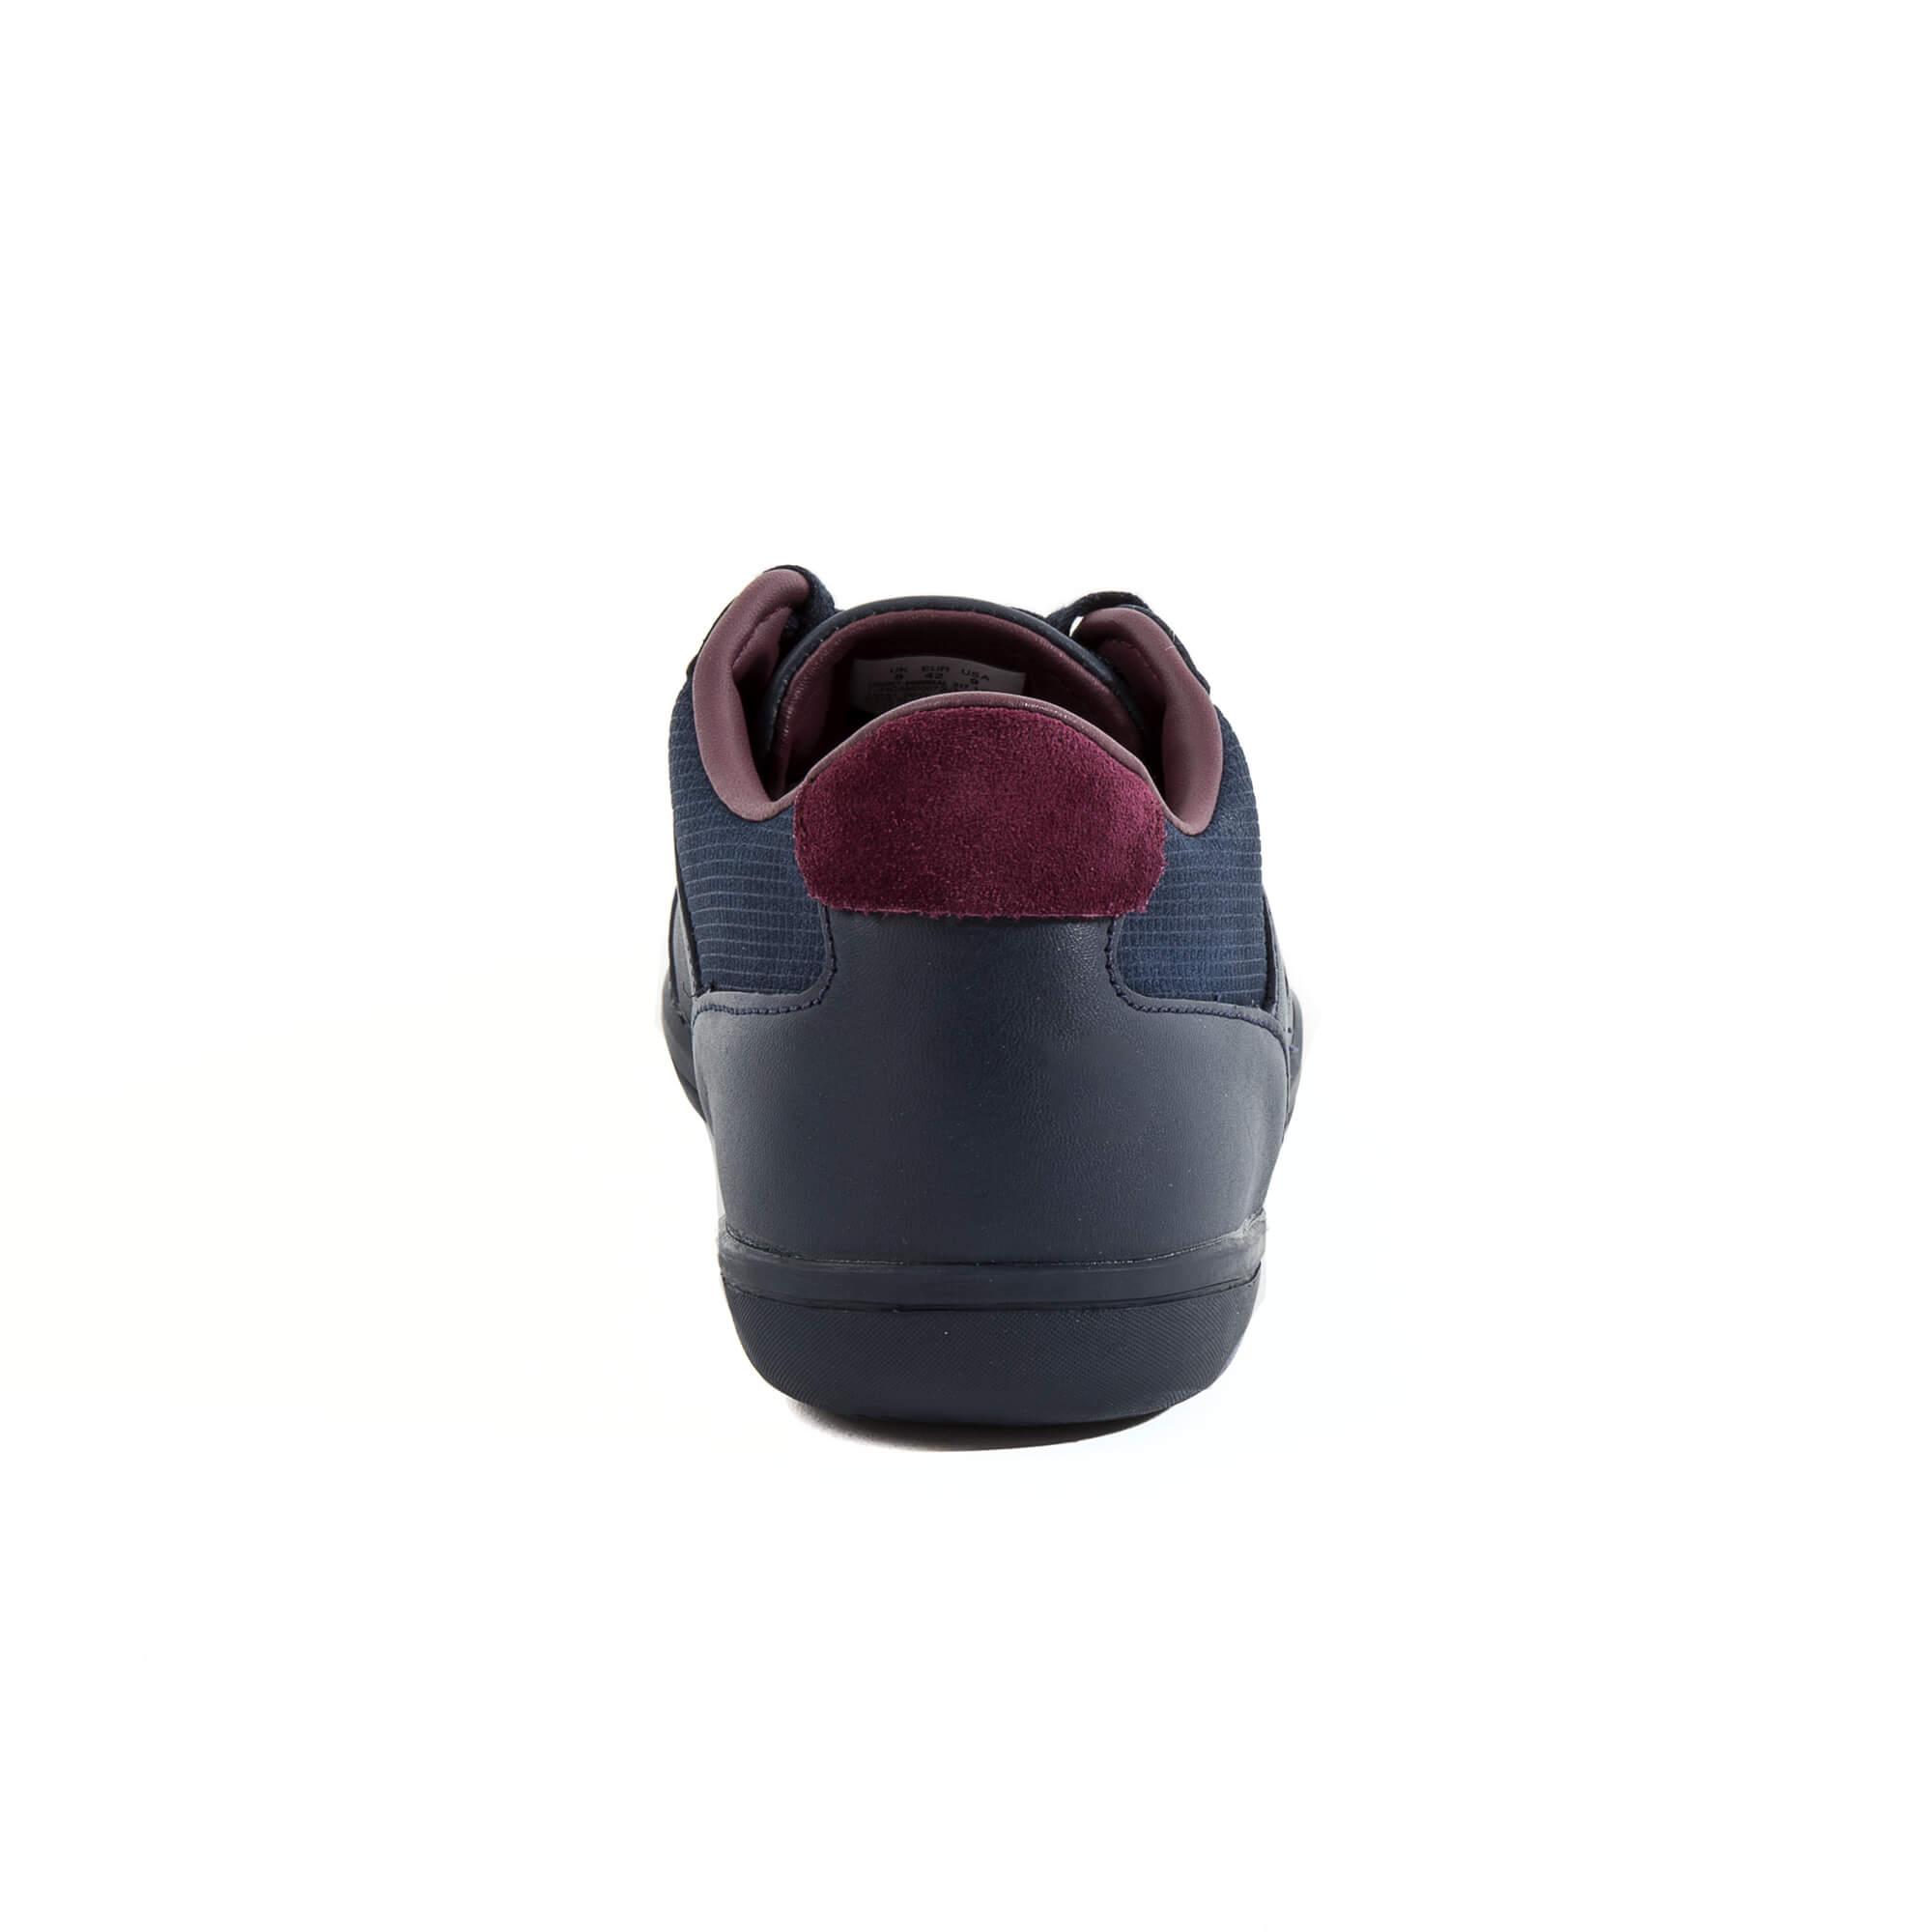 Lacoste Man Shoes